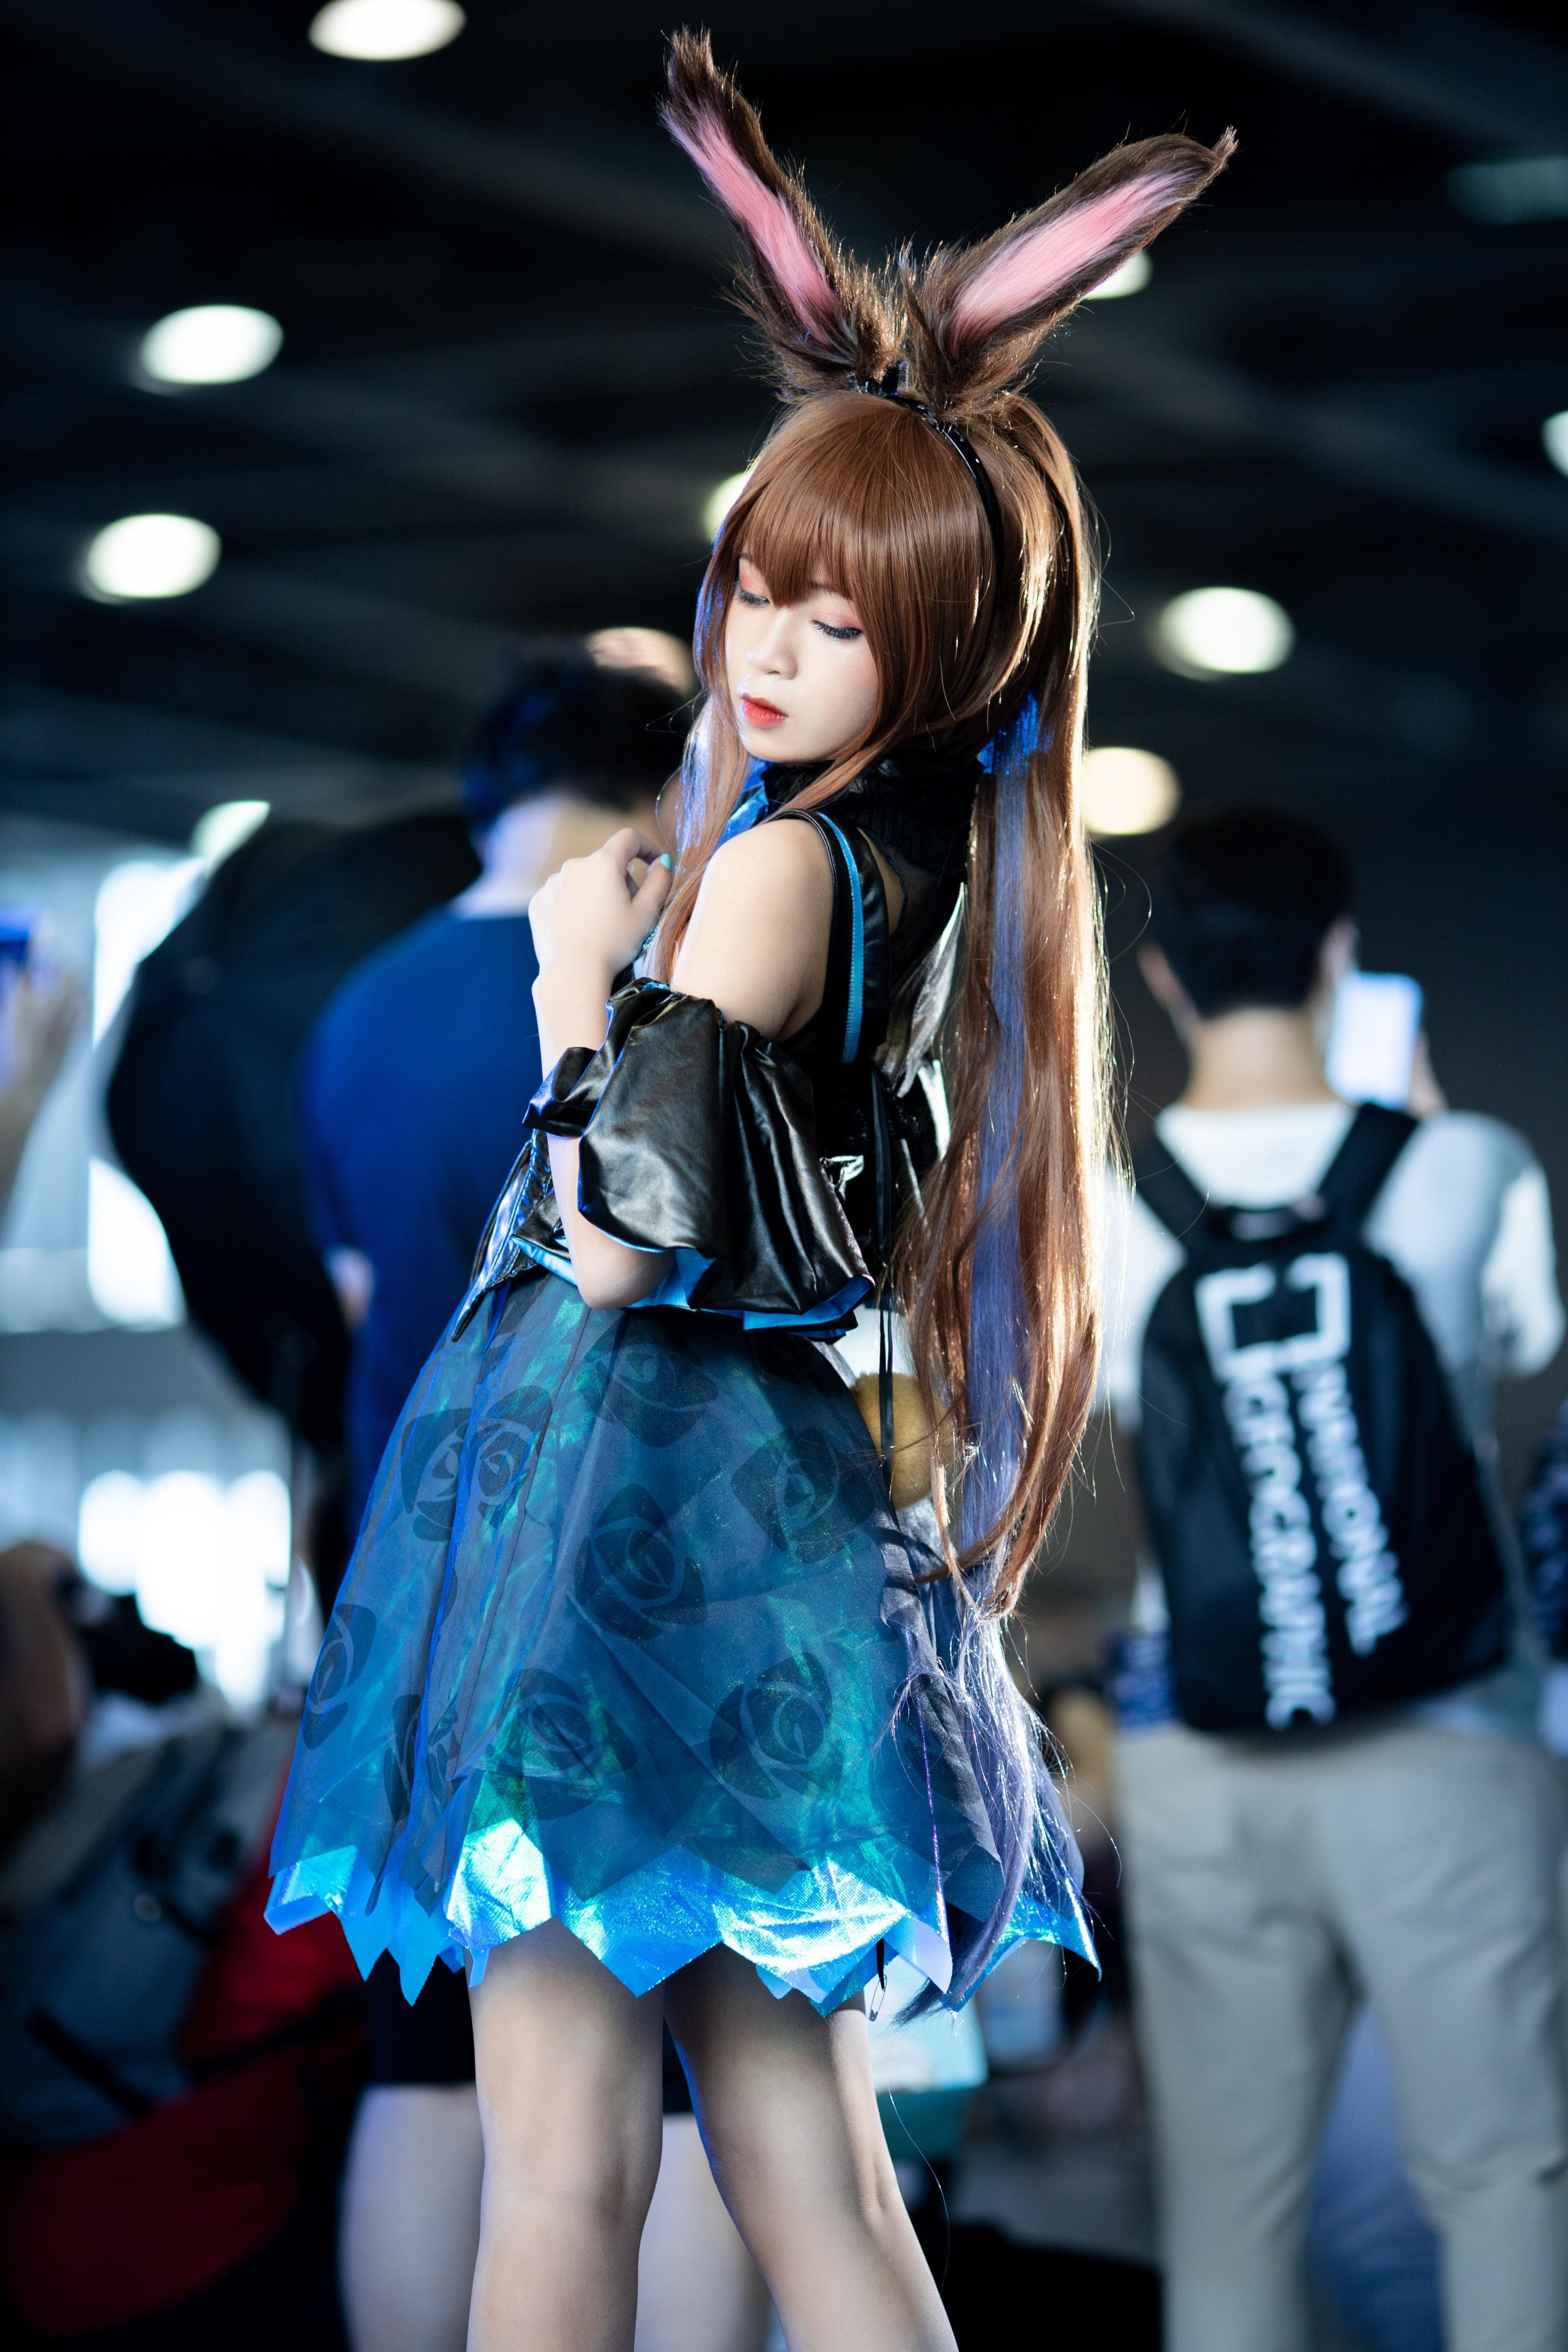 《明日方舟》明日方舟阿米娅cosplay【CN:双叶Futaba】-第7张